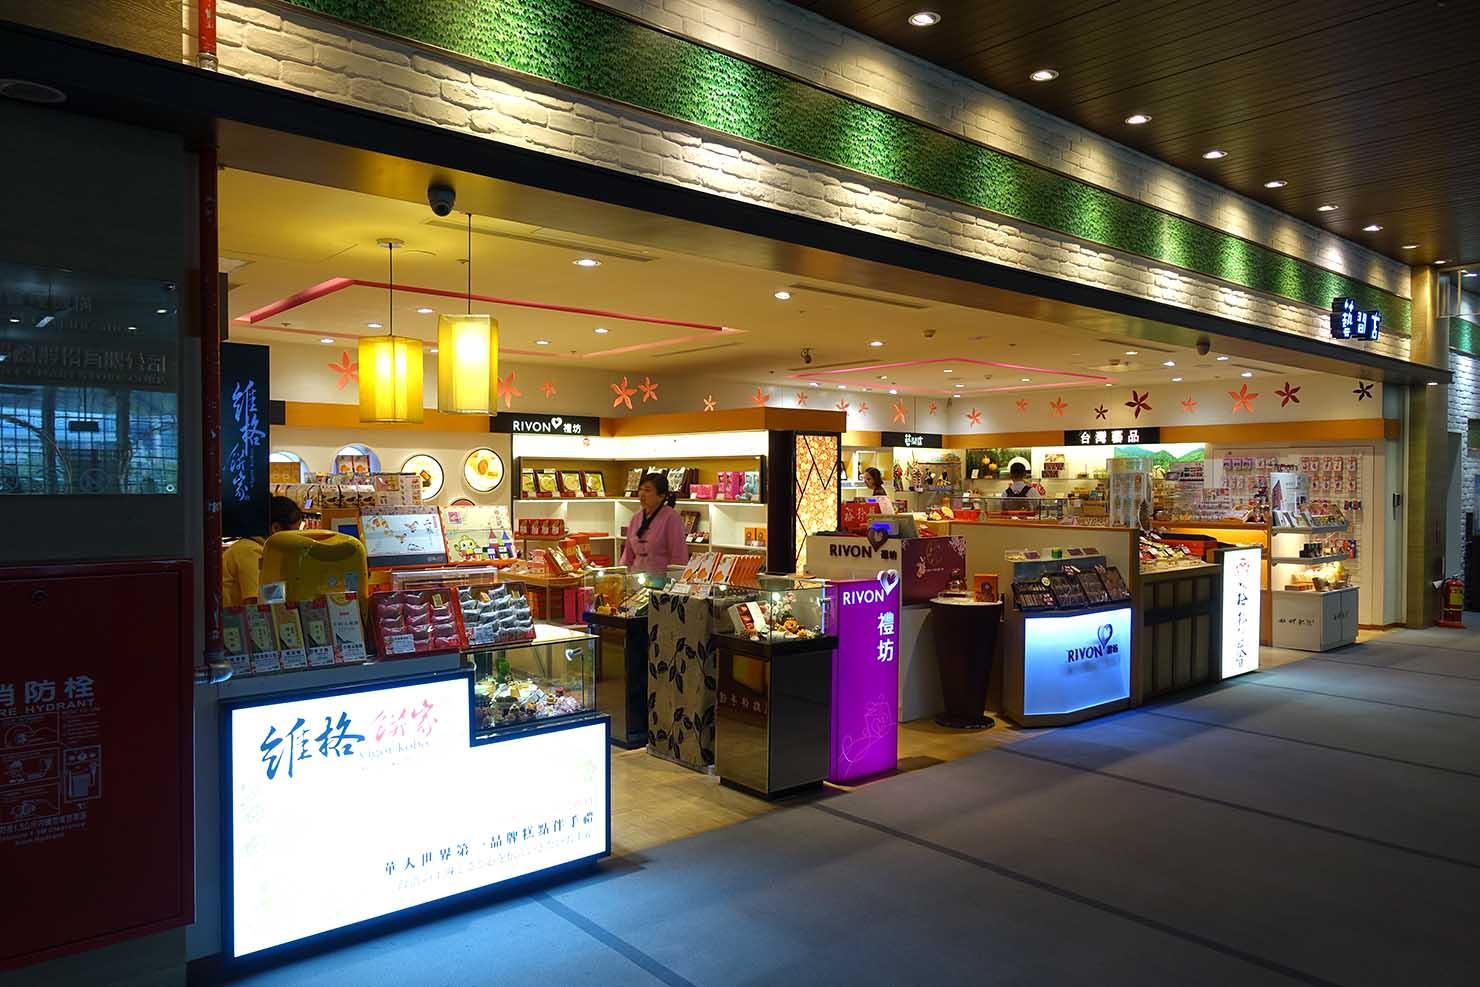 台北・松山空港国際線ターミナルのおみやげ売り場